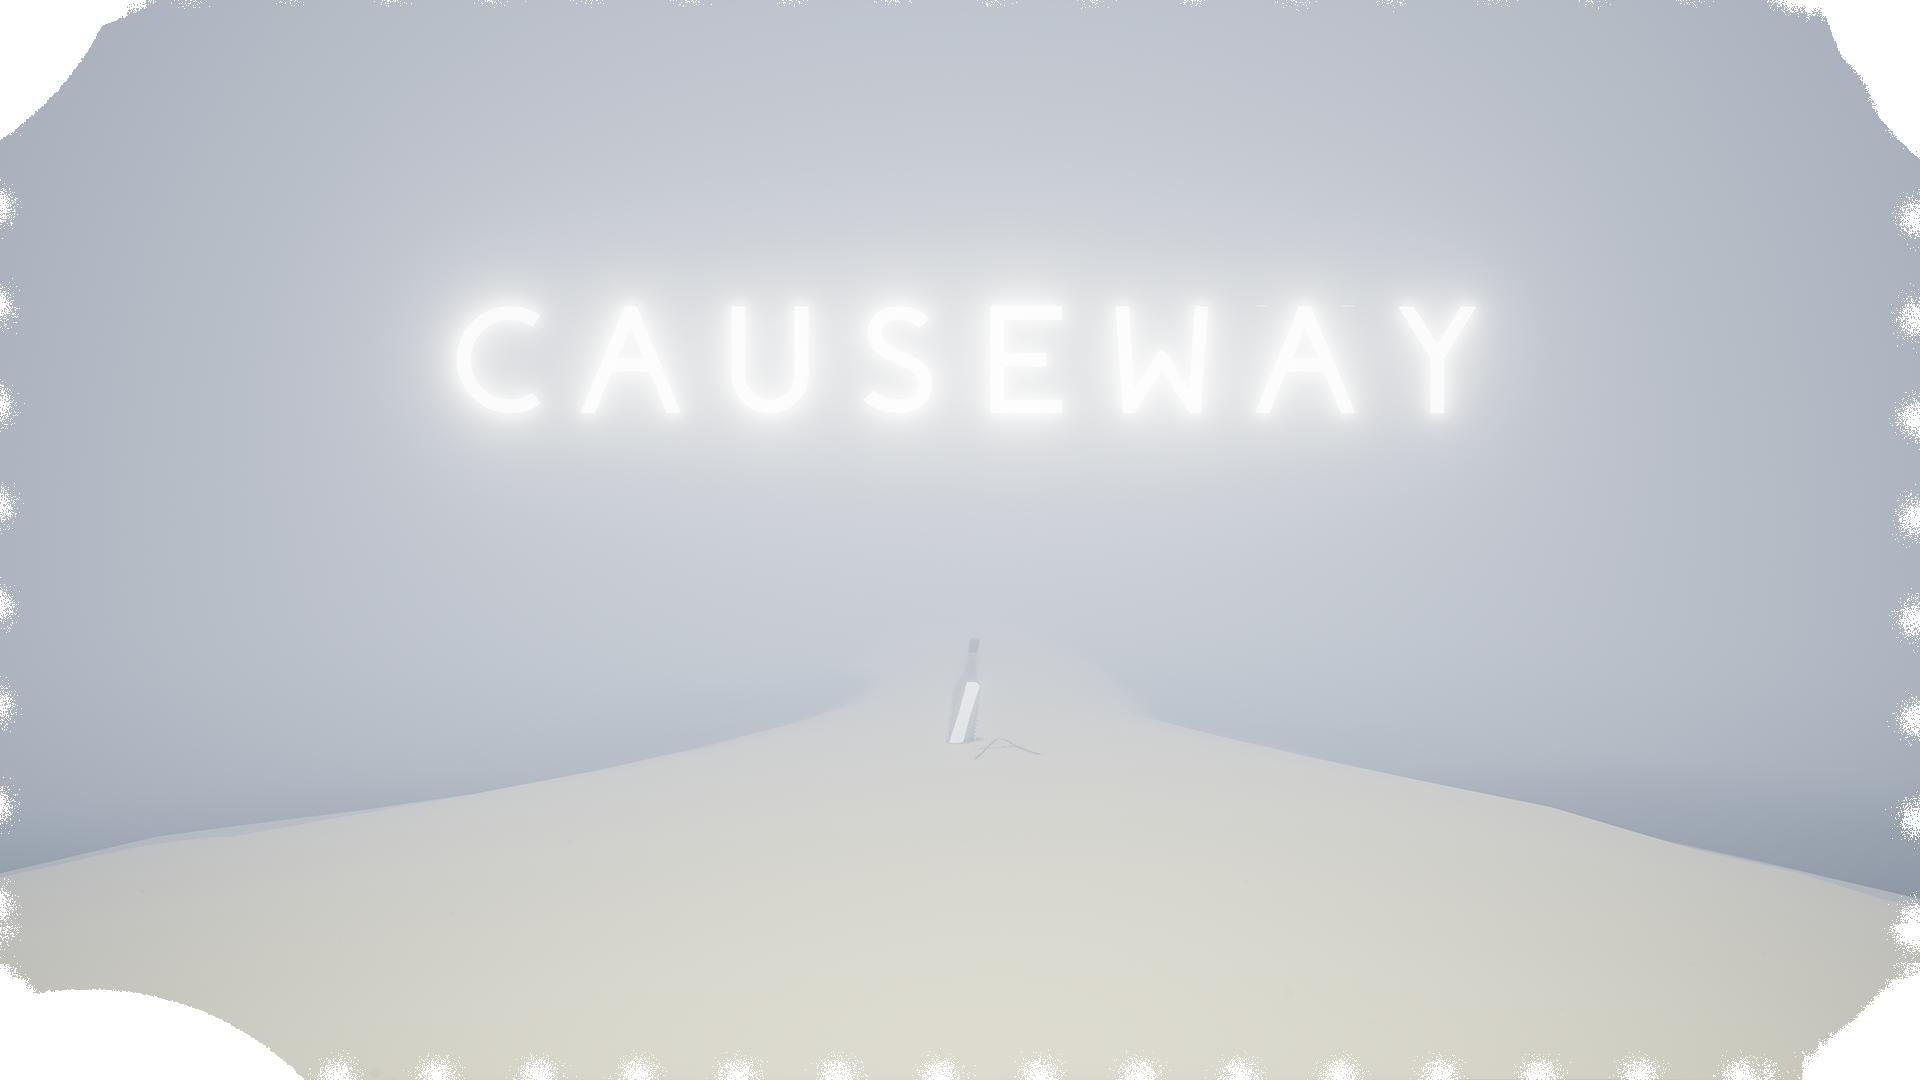 CausewayHeader